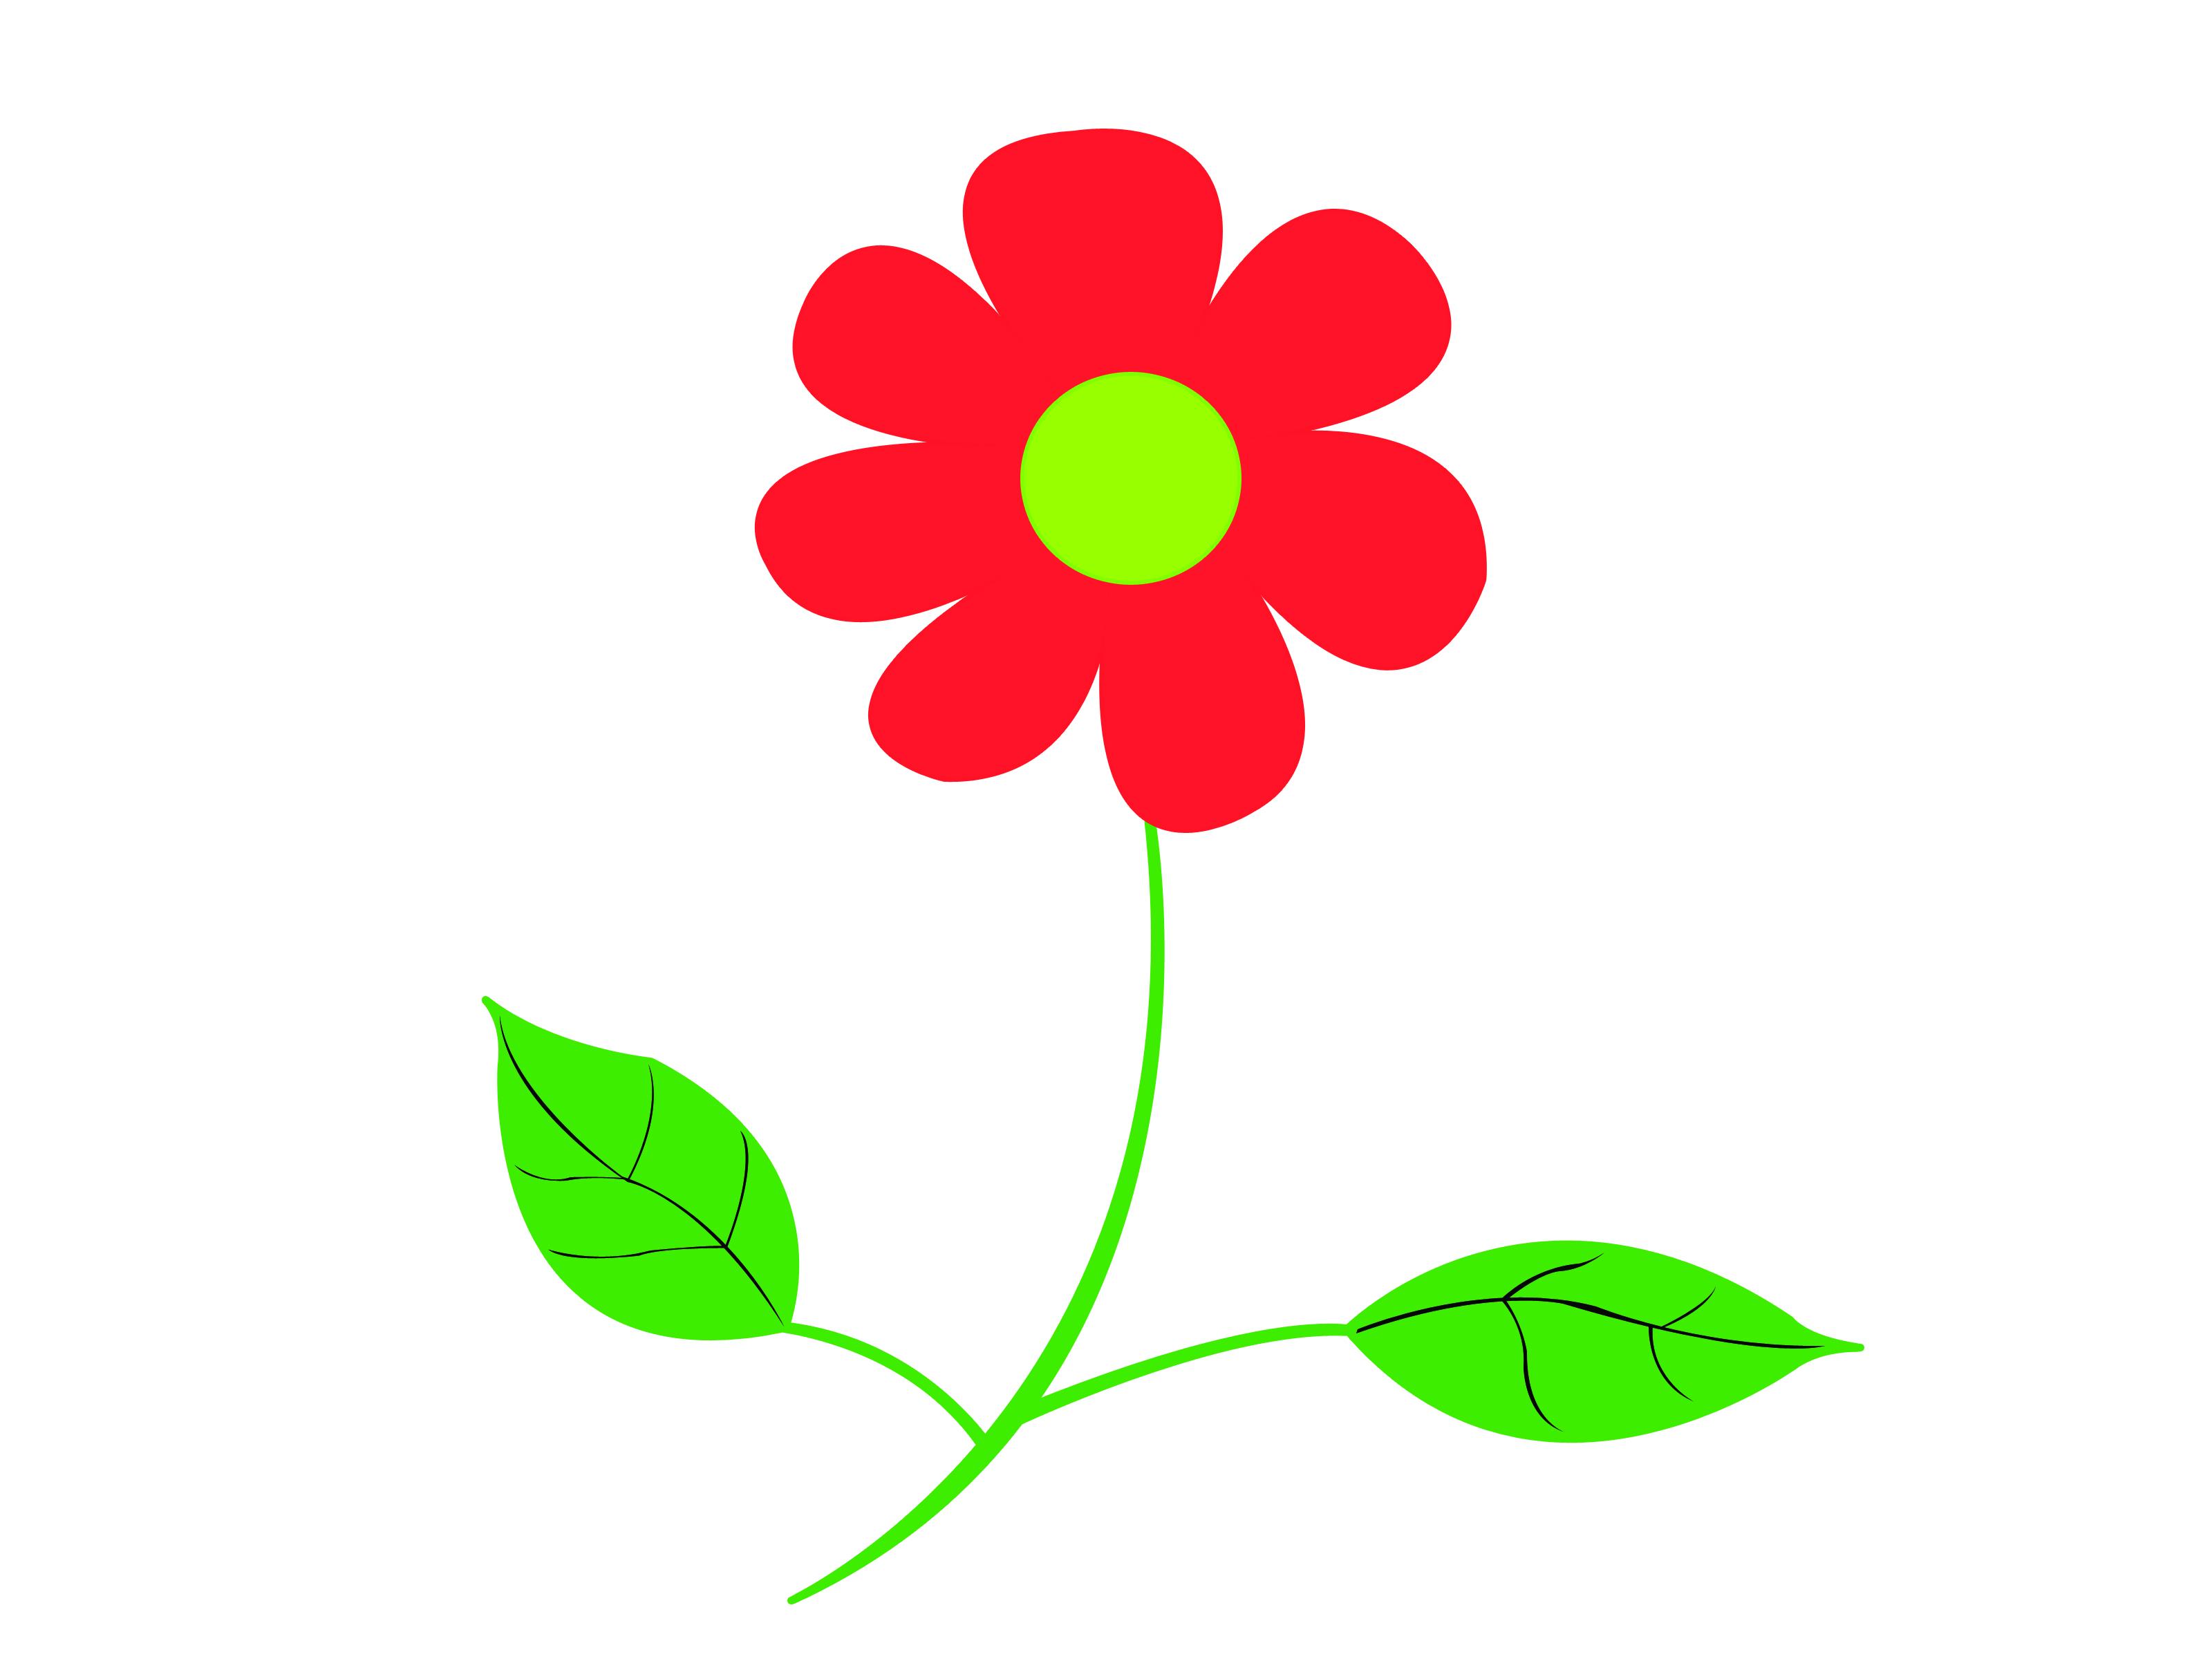 3200x2400 How To Draw A Wild Flower Steps